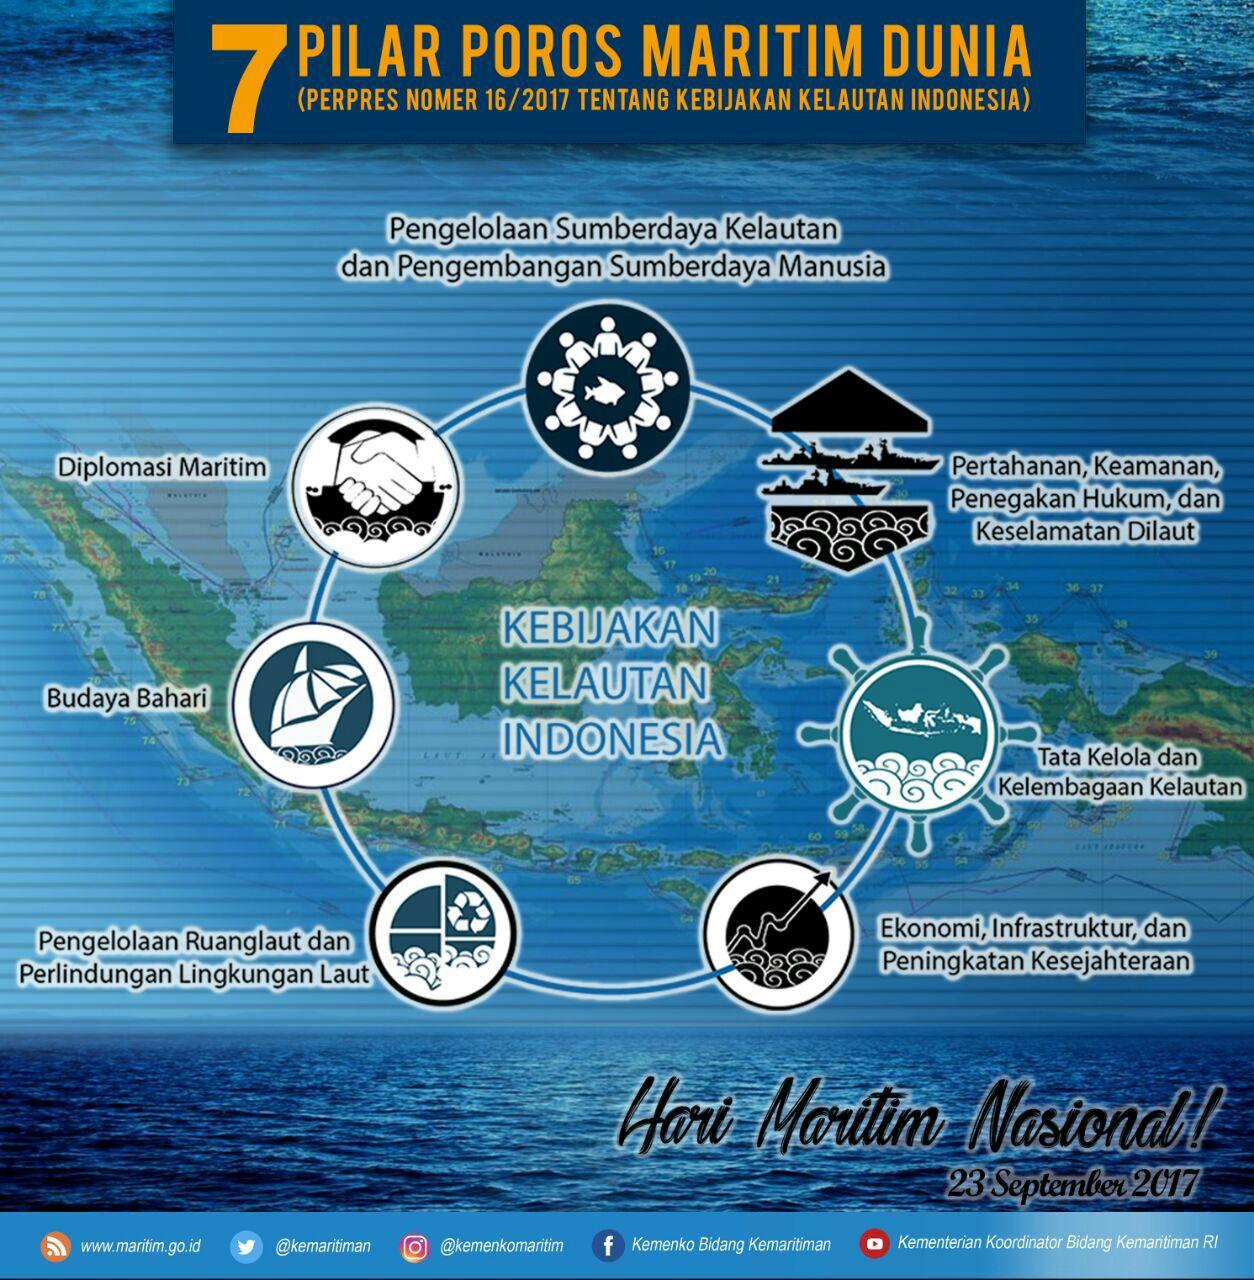 Hari Maritim Nasional